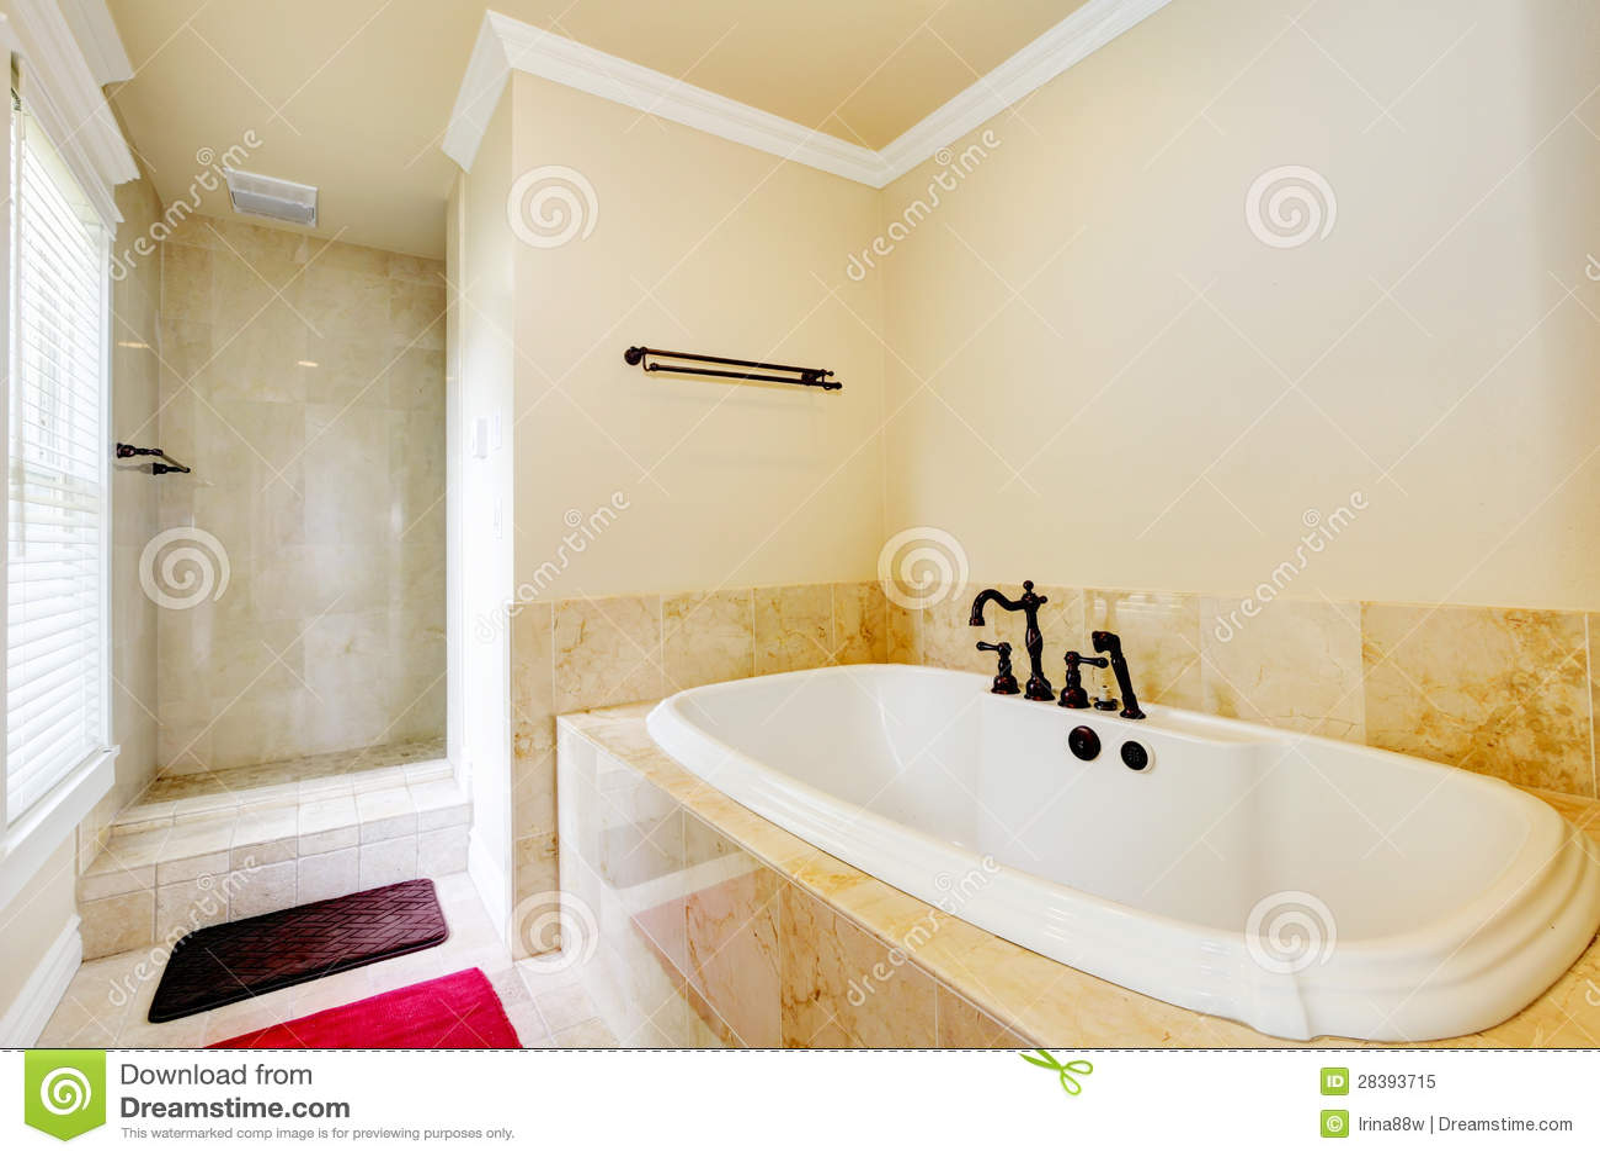 Cuarto de ba o vac o agradable con la tina y la ducha for Banos con tina y ducha